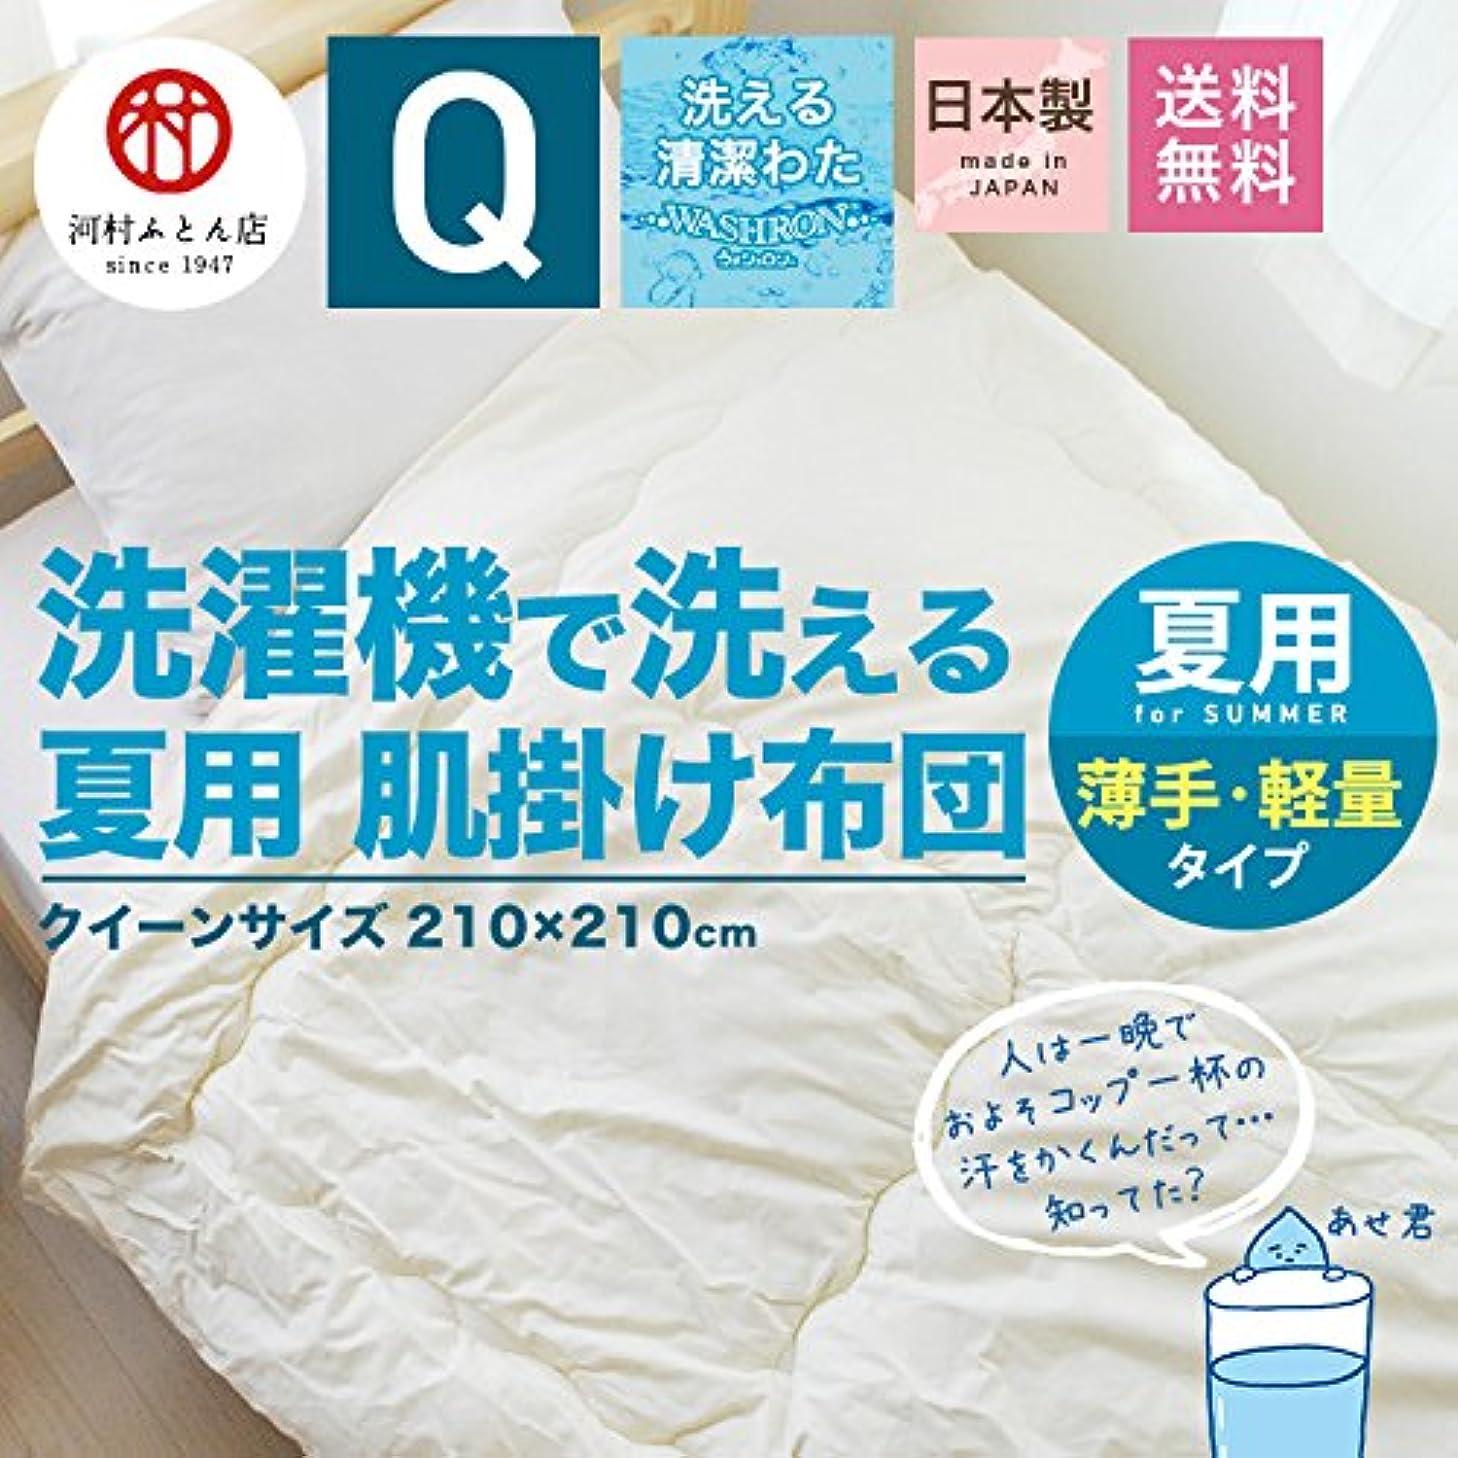 戦略外向き限定洗える肌掛け布団 クイーンサイズ 夏布団 春夏用 朝晩冷える時 安心安全の国産 日本製 綿100% で吸湿性抜群 洗濯機で丸洗い可能 0.8